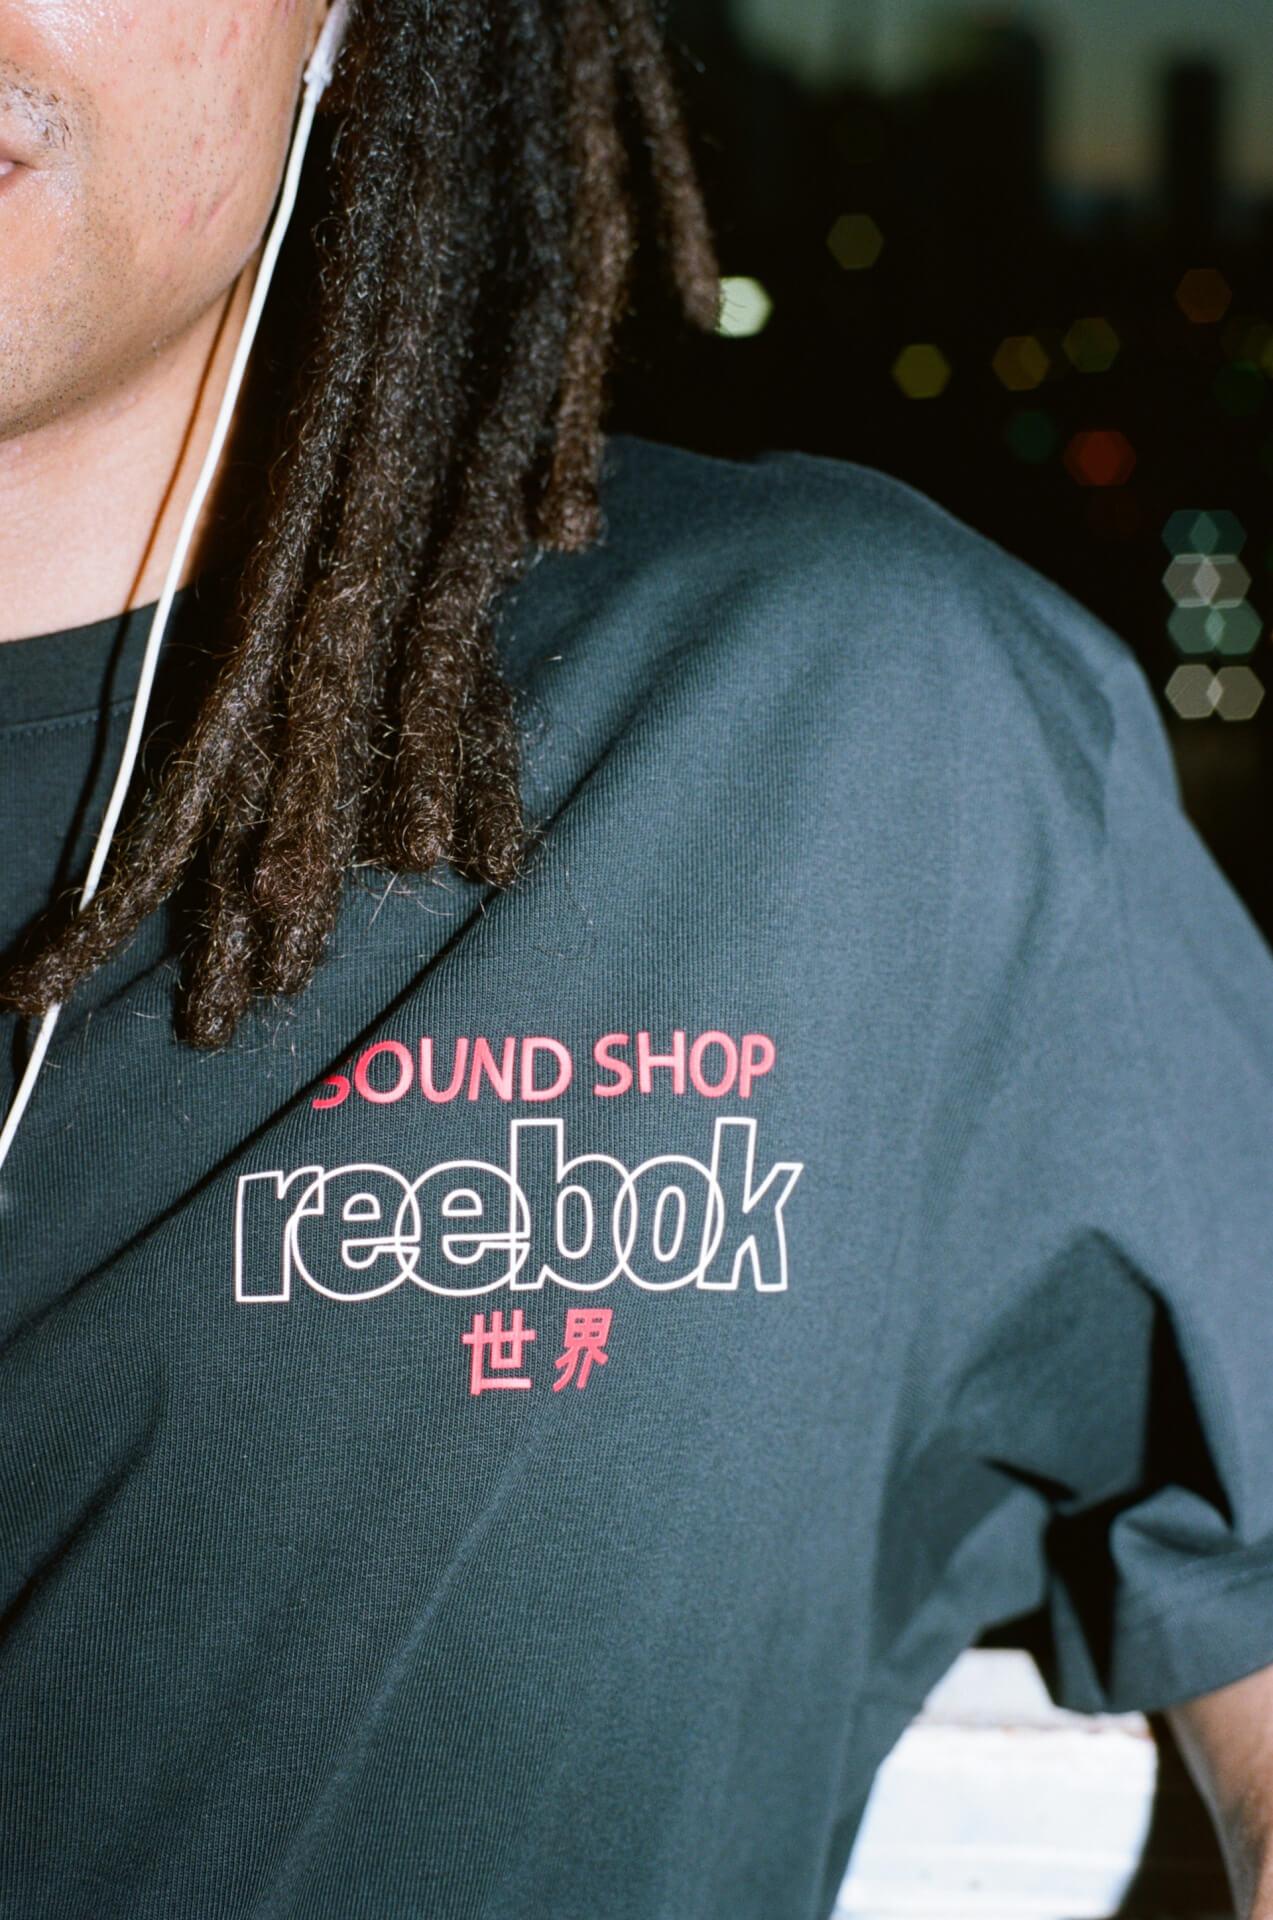 リーボックと韓国のSOUND SHOP balansaがコラボ!90年代のバスケコレクションをモチーフにしたClub Cが発売中 life211005_reebok_balansa_16